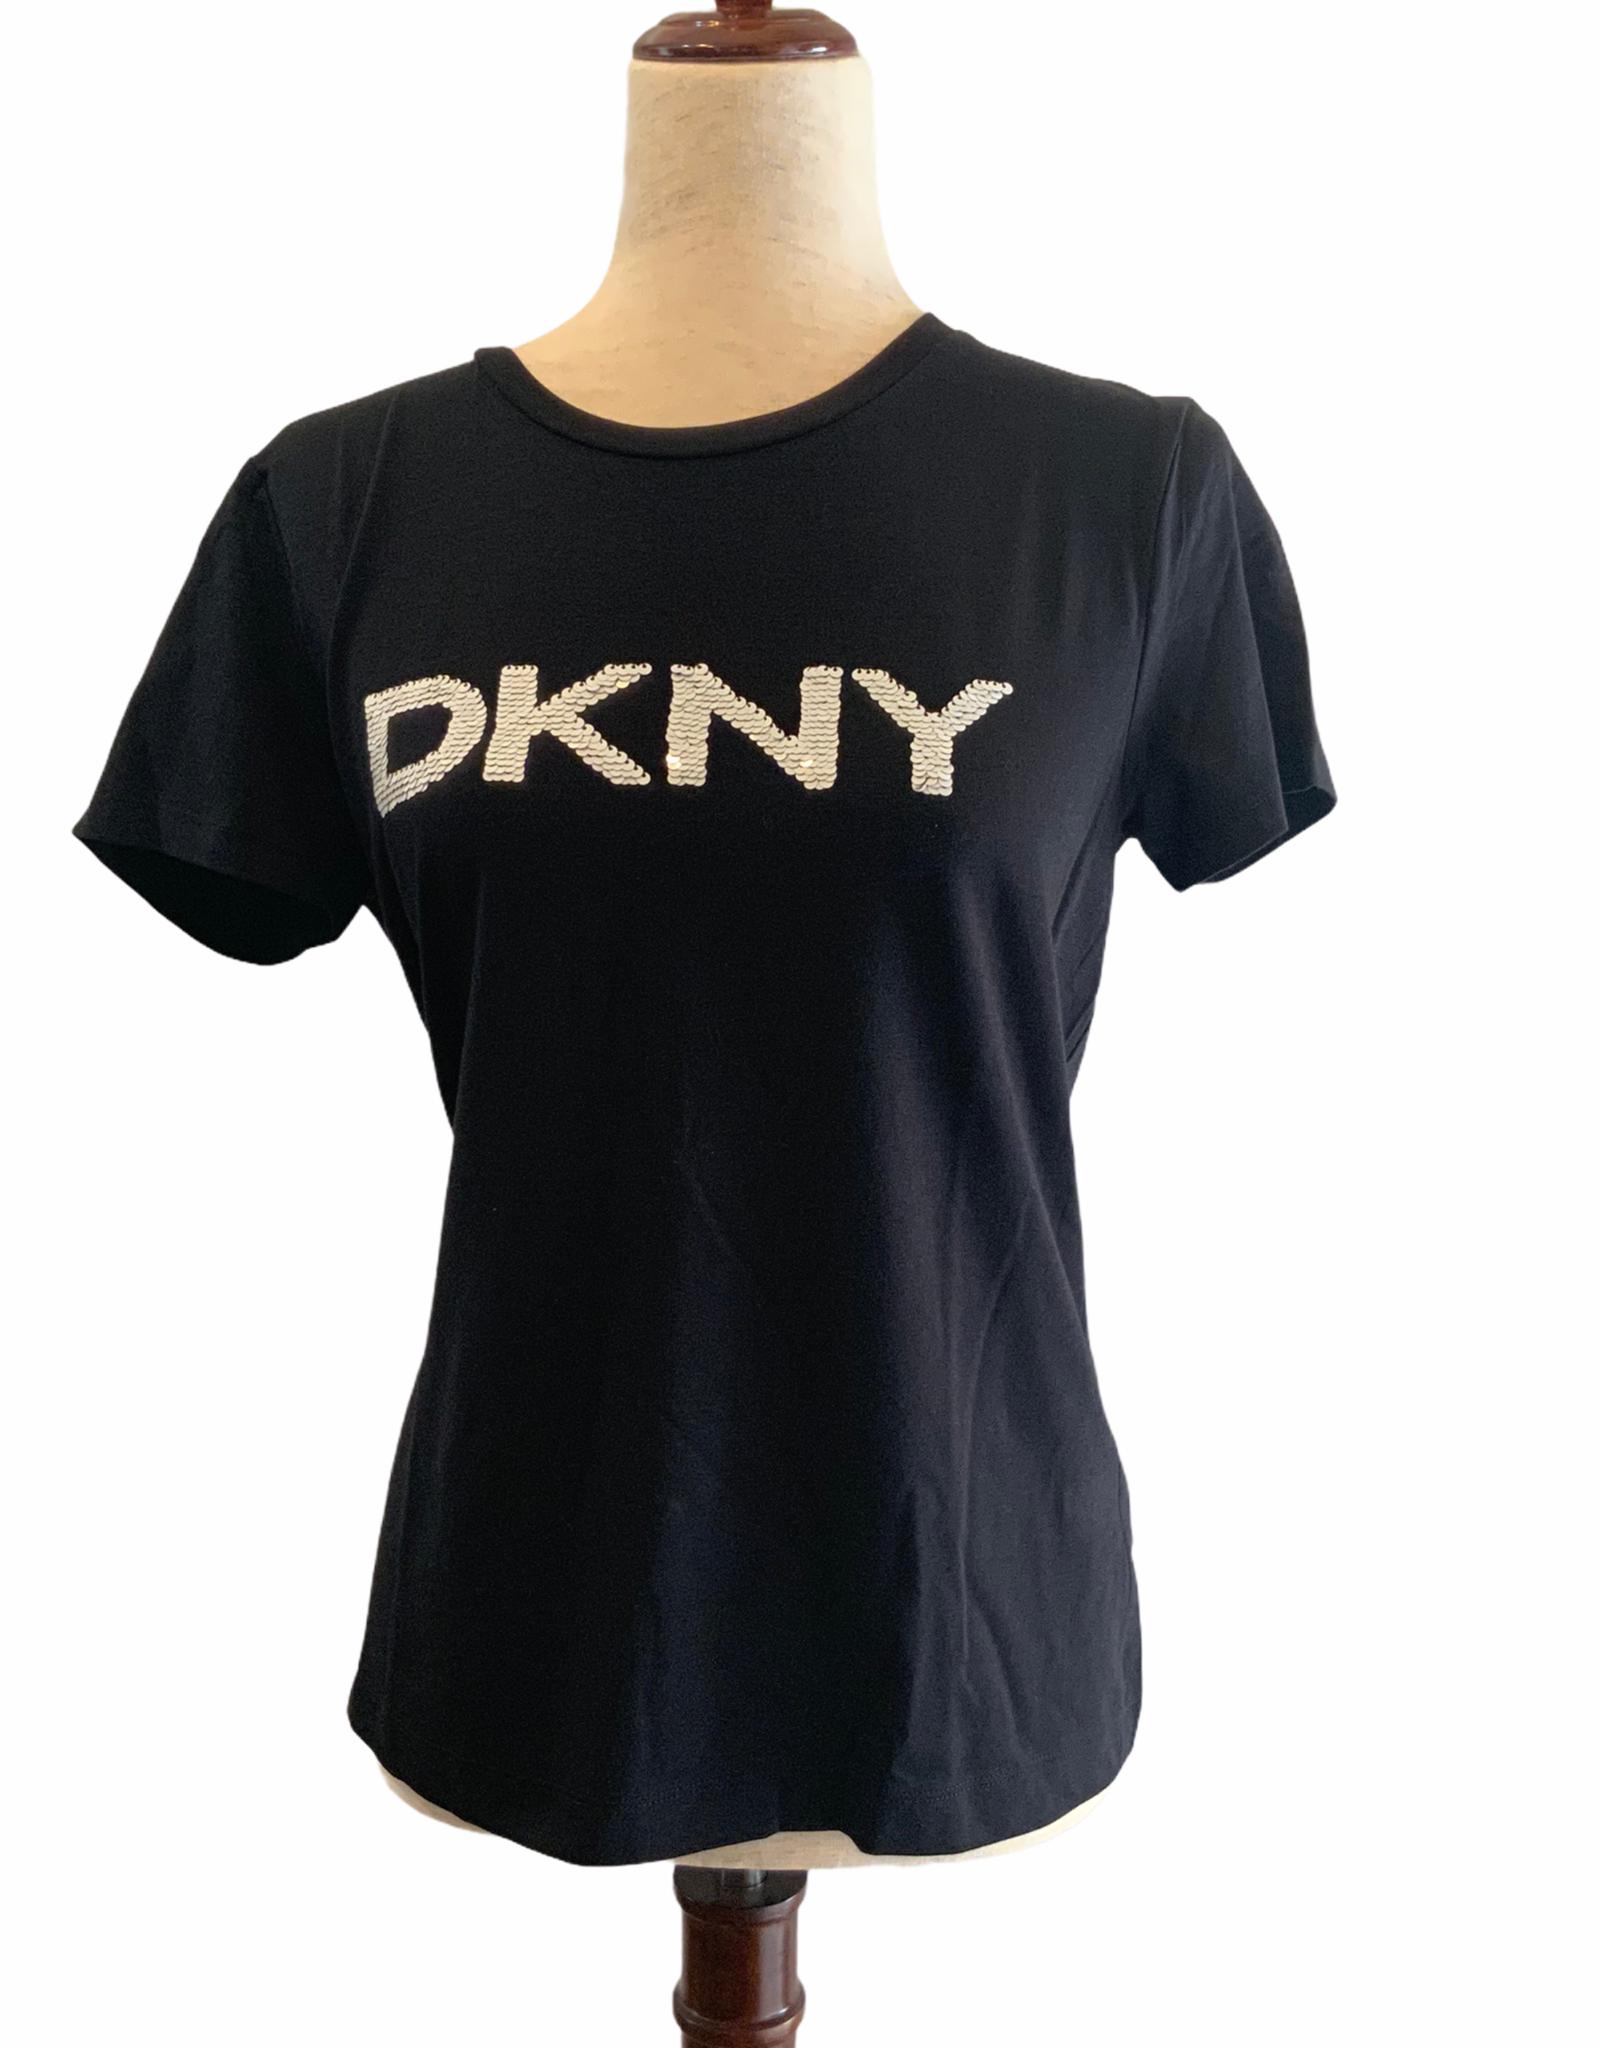 DKNY DKNY Tee Reverse Sequin Logo Pomadona